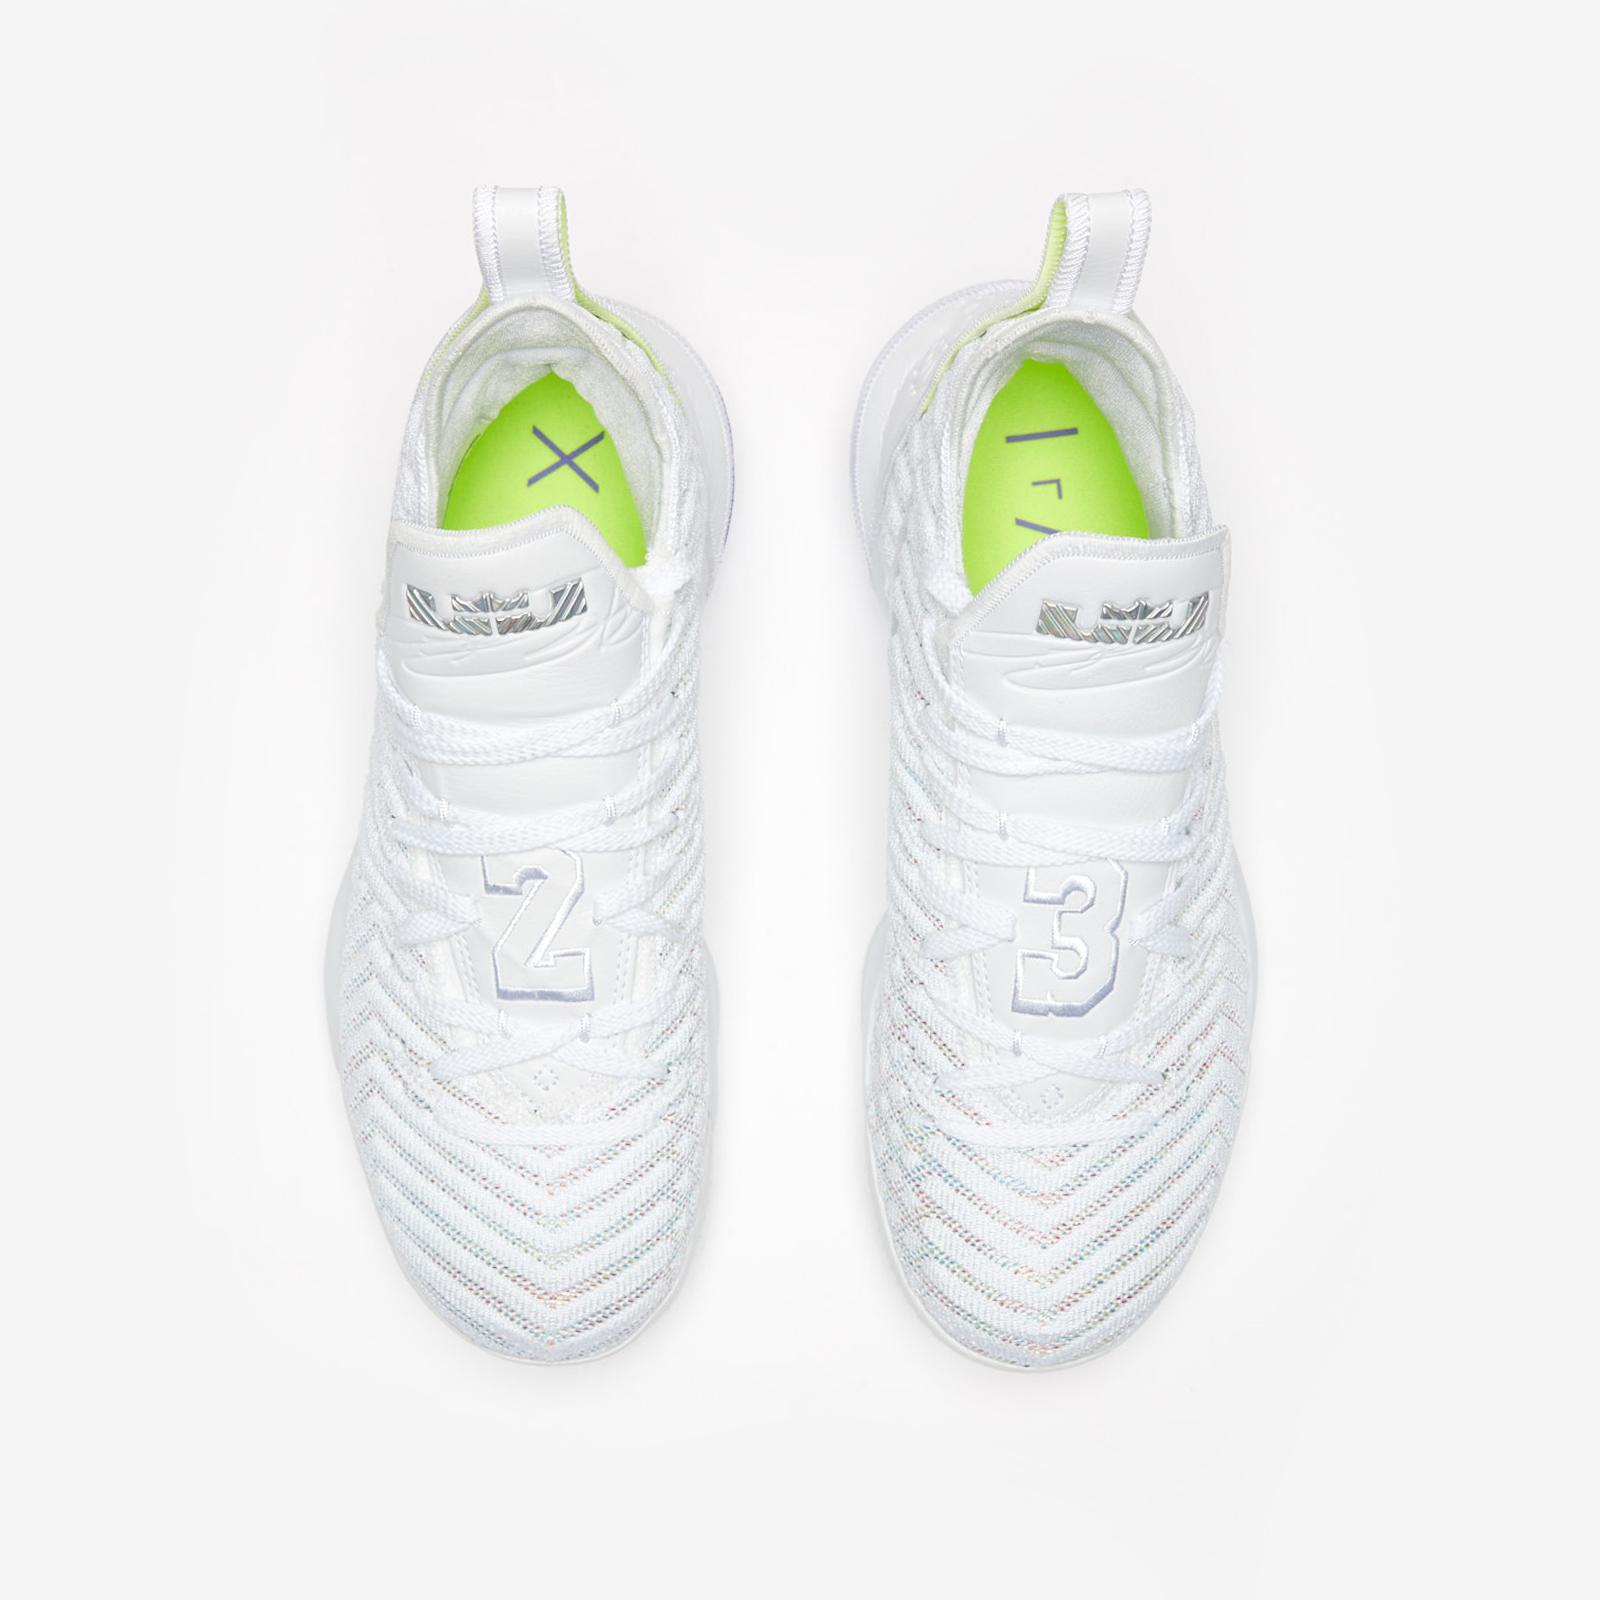 Nike LeBron XVI - Ao2588-102 - Sneakersnstuff   sneakers & streetwear online since 1999